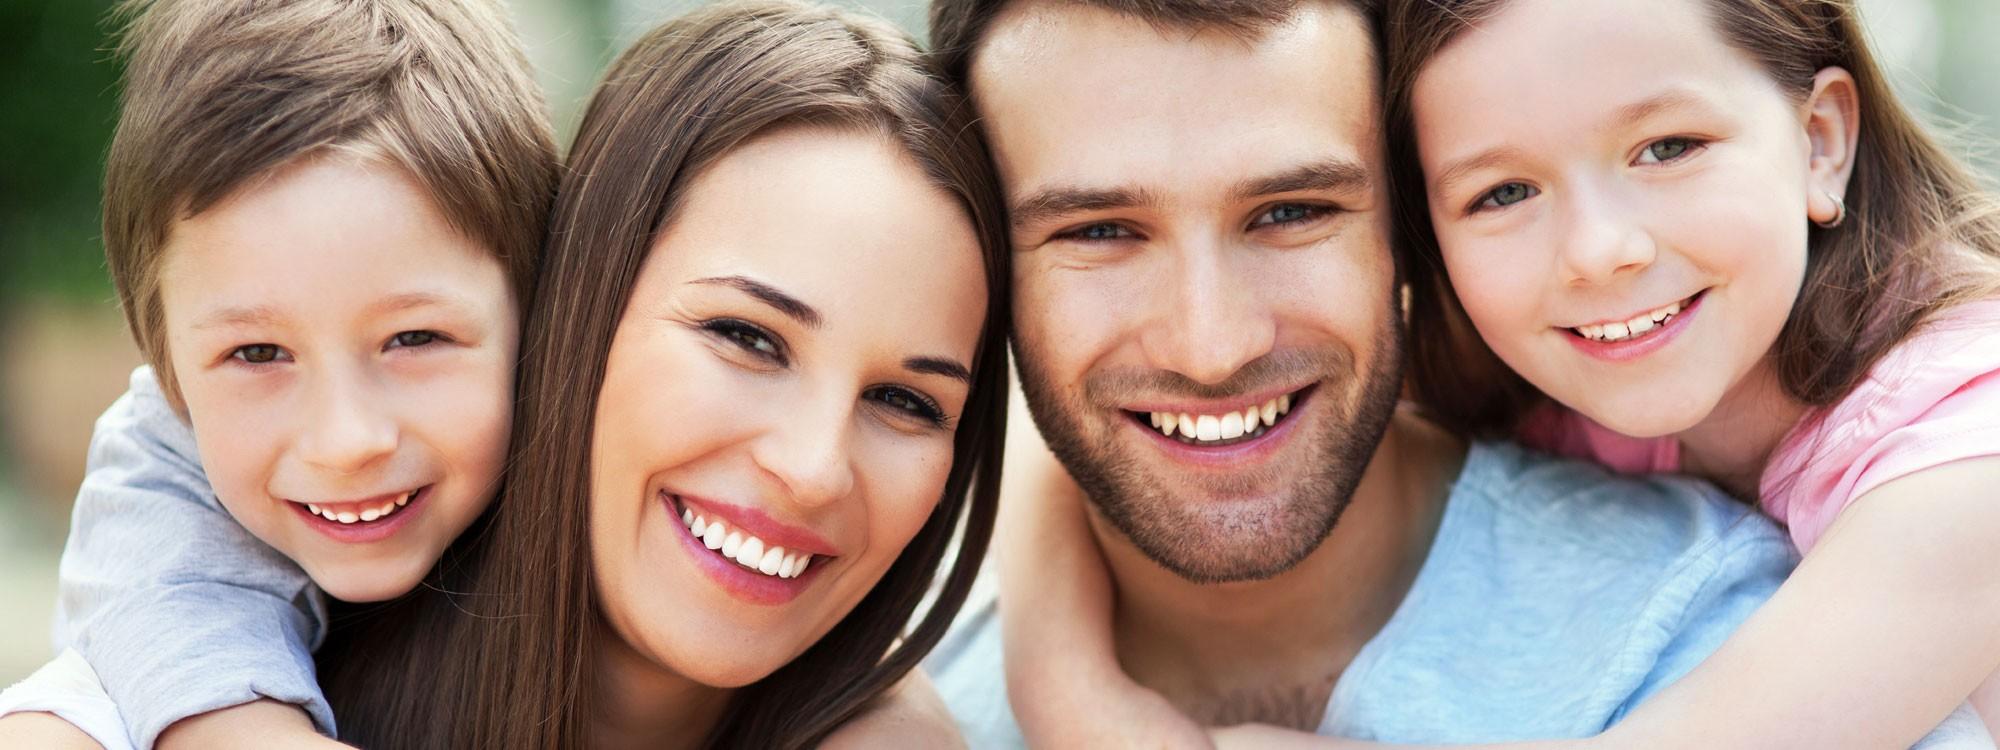 ۱۰ علایم یک رابطه سالم